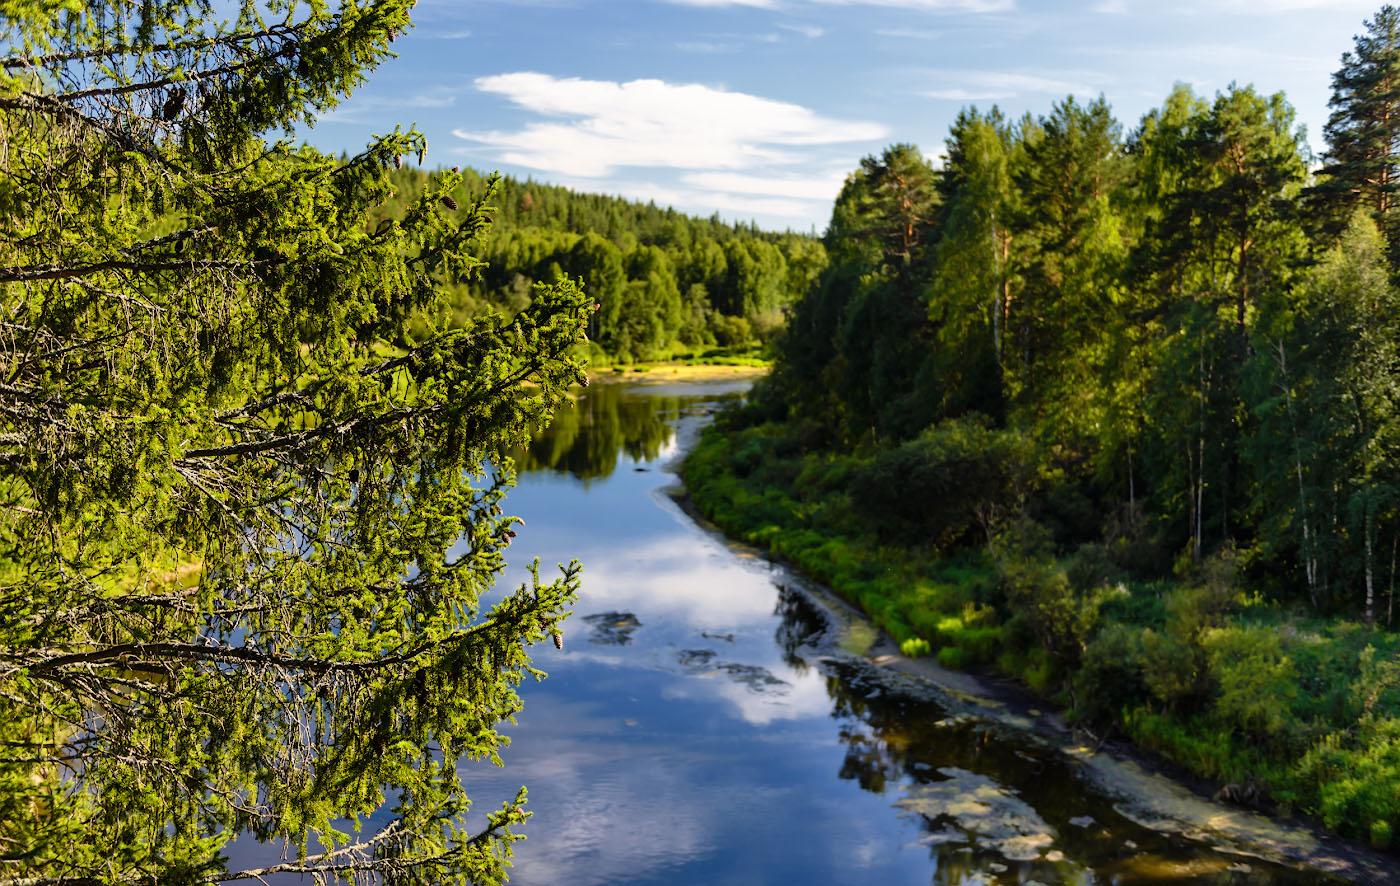 Фото 13. Пеший поход по скалам на реке Чусовая.